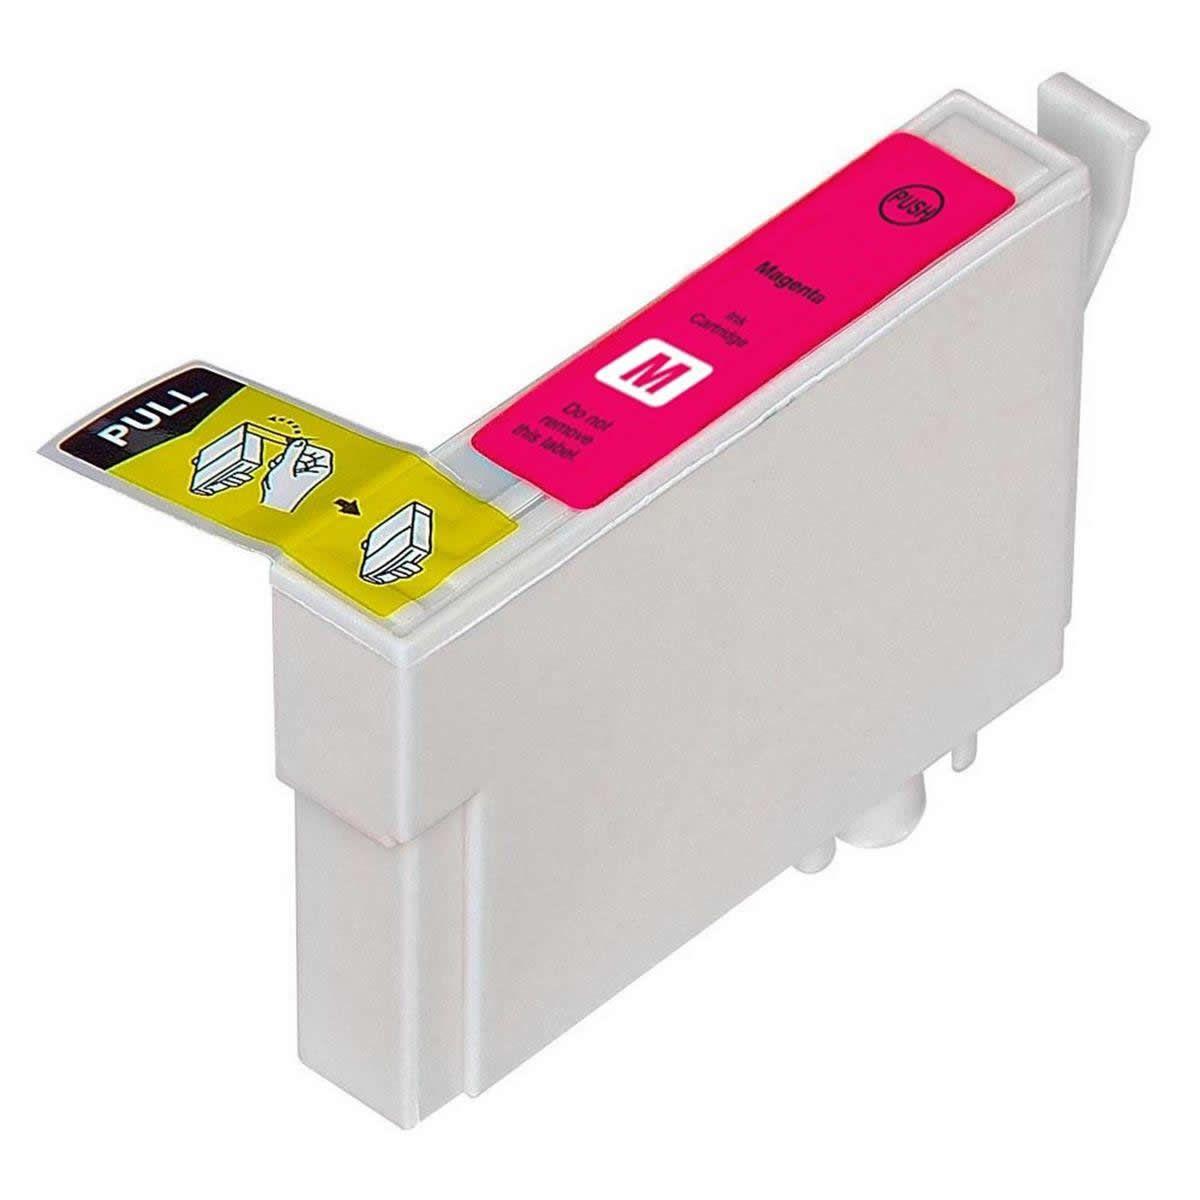 Cartucho T194 T194320 T1943 T196 T196320 T1963 Magenta Compatível para ESPON XP104 XP204 XP214